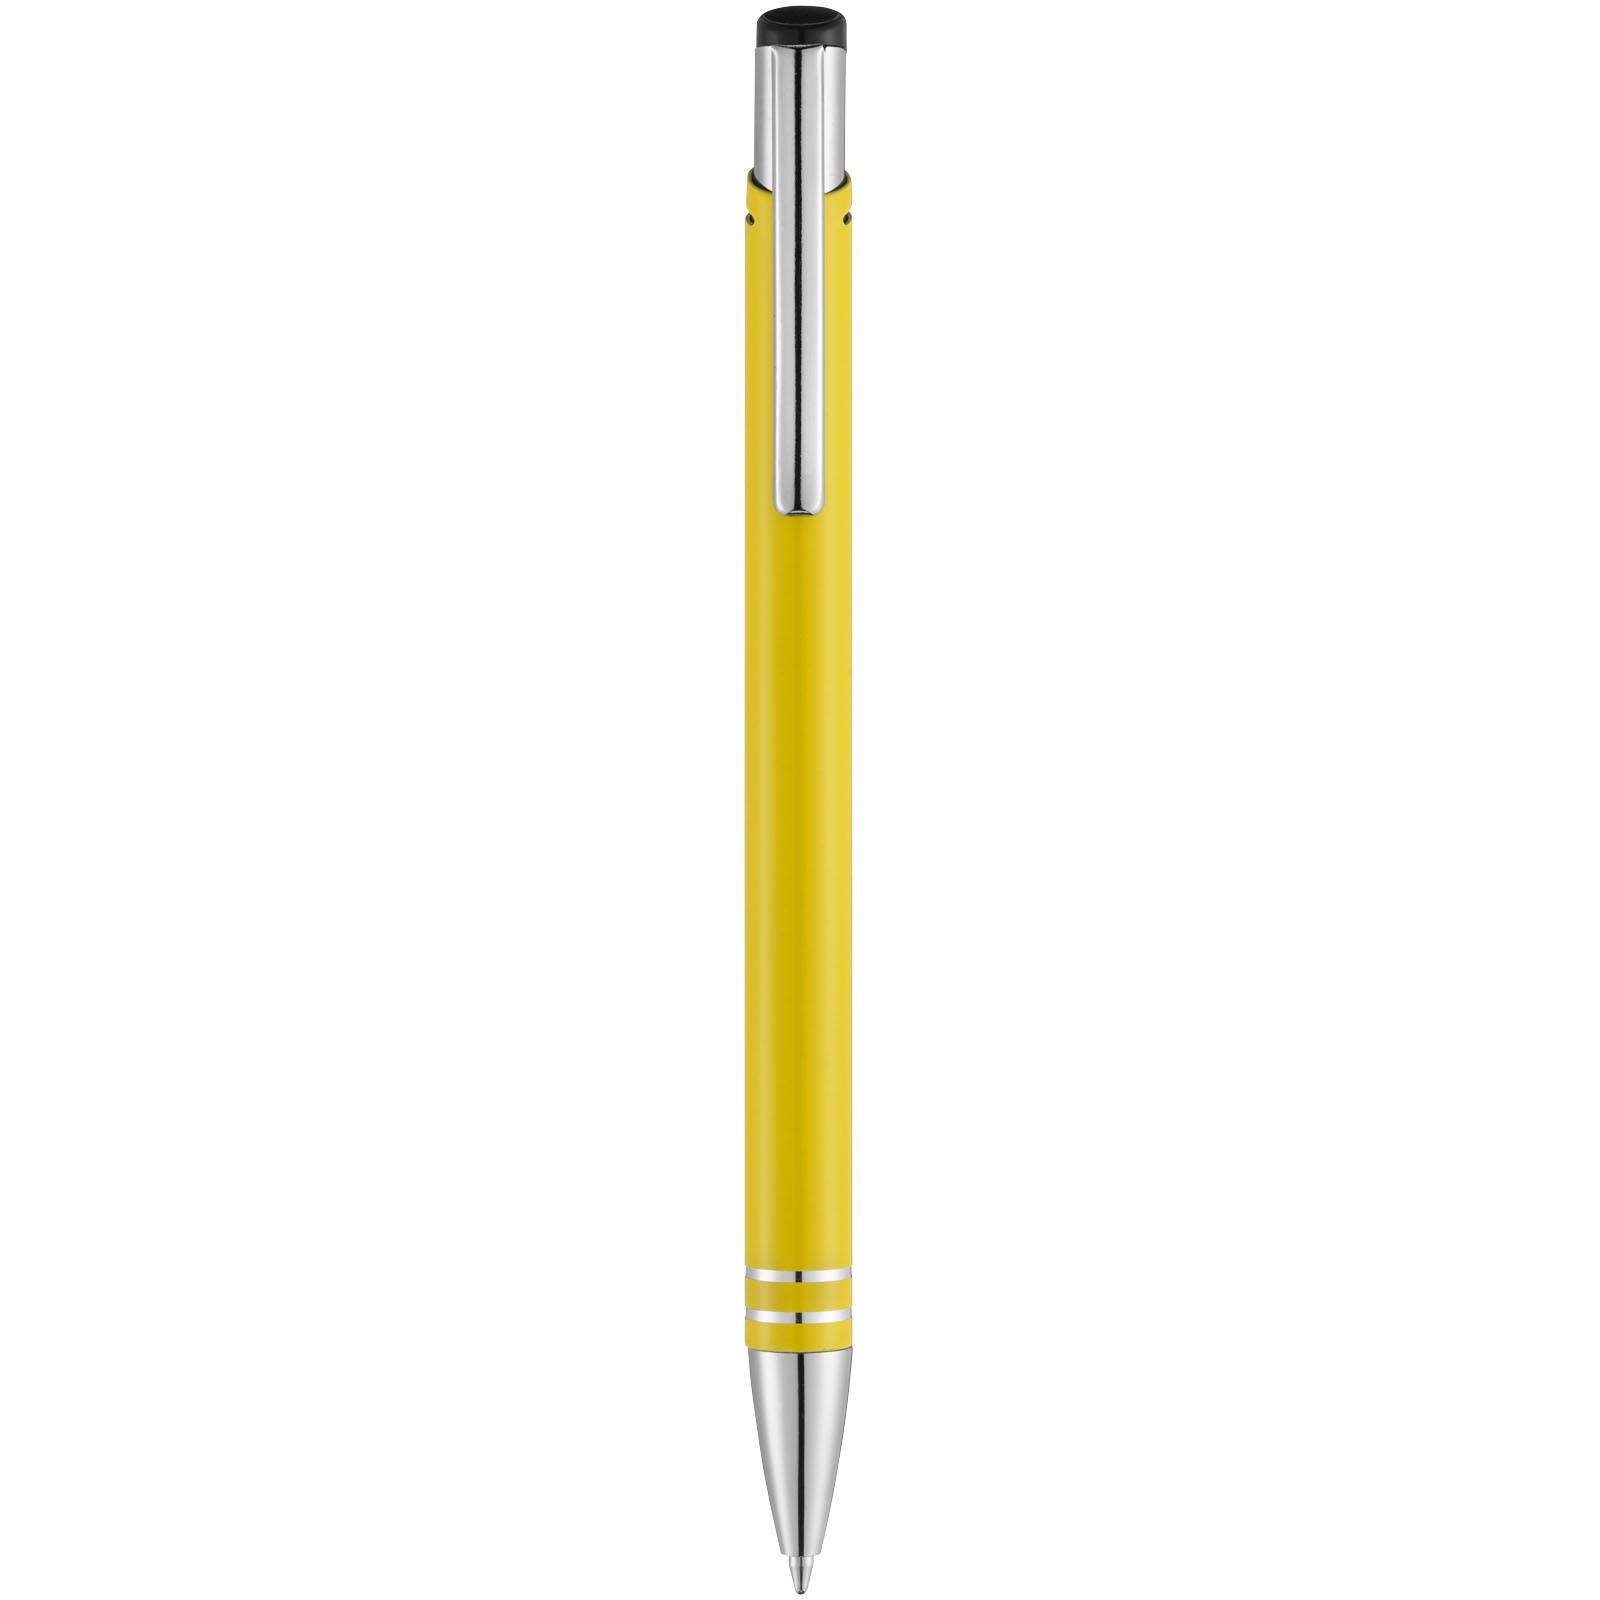 Kuličkové pero Hawk - Žlutá